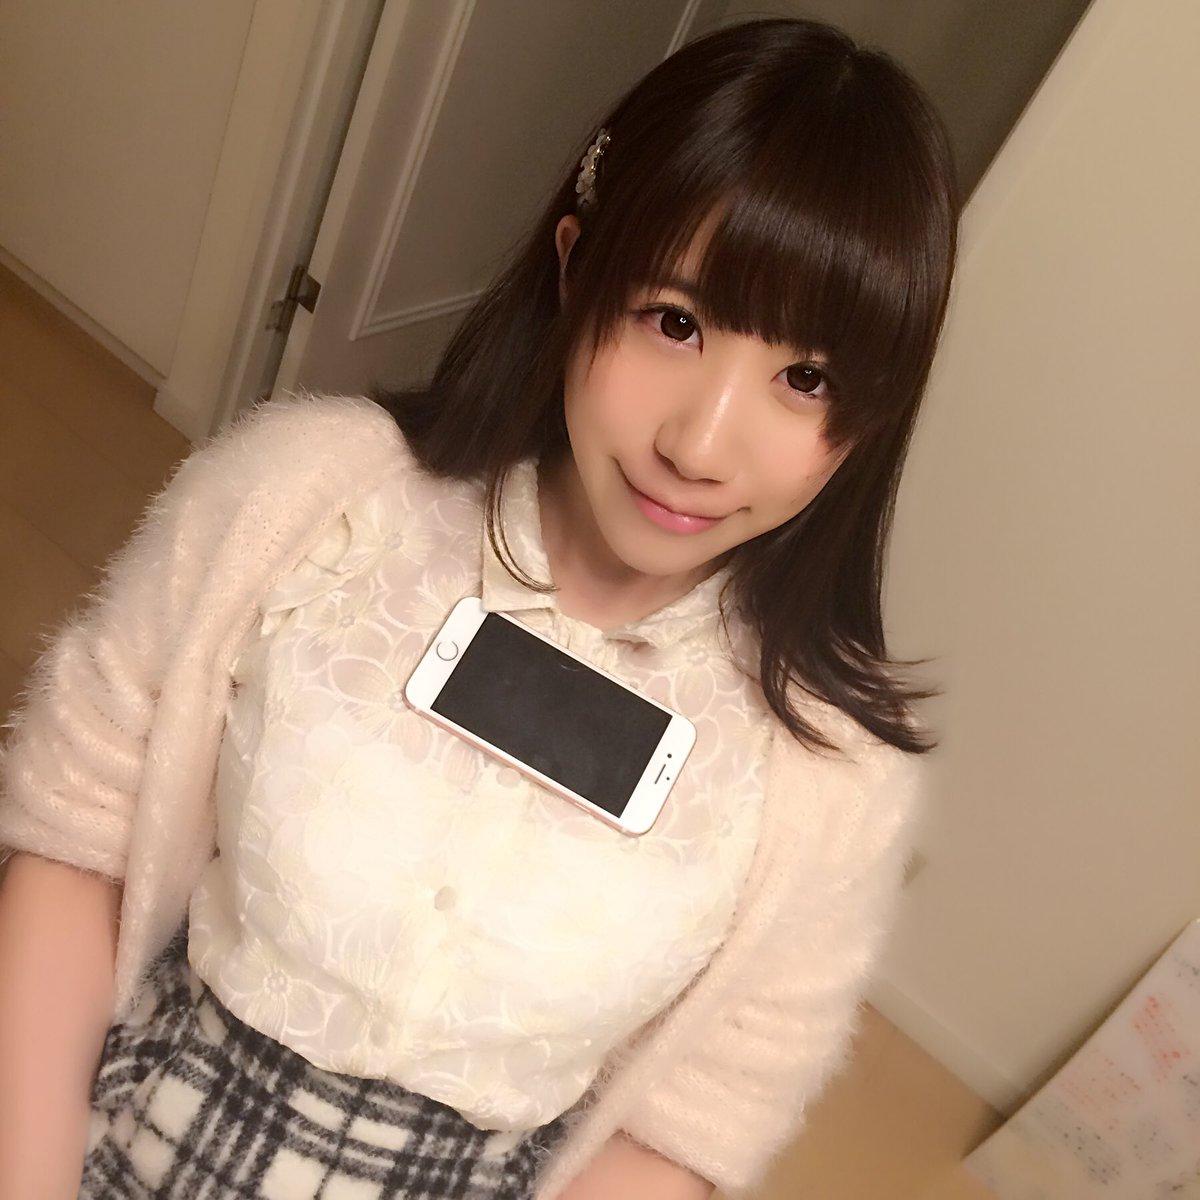 小野早稀の画像 p1_39